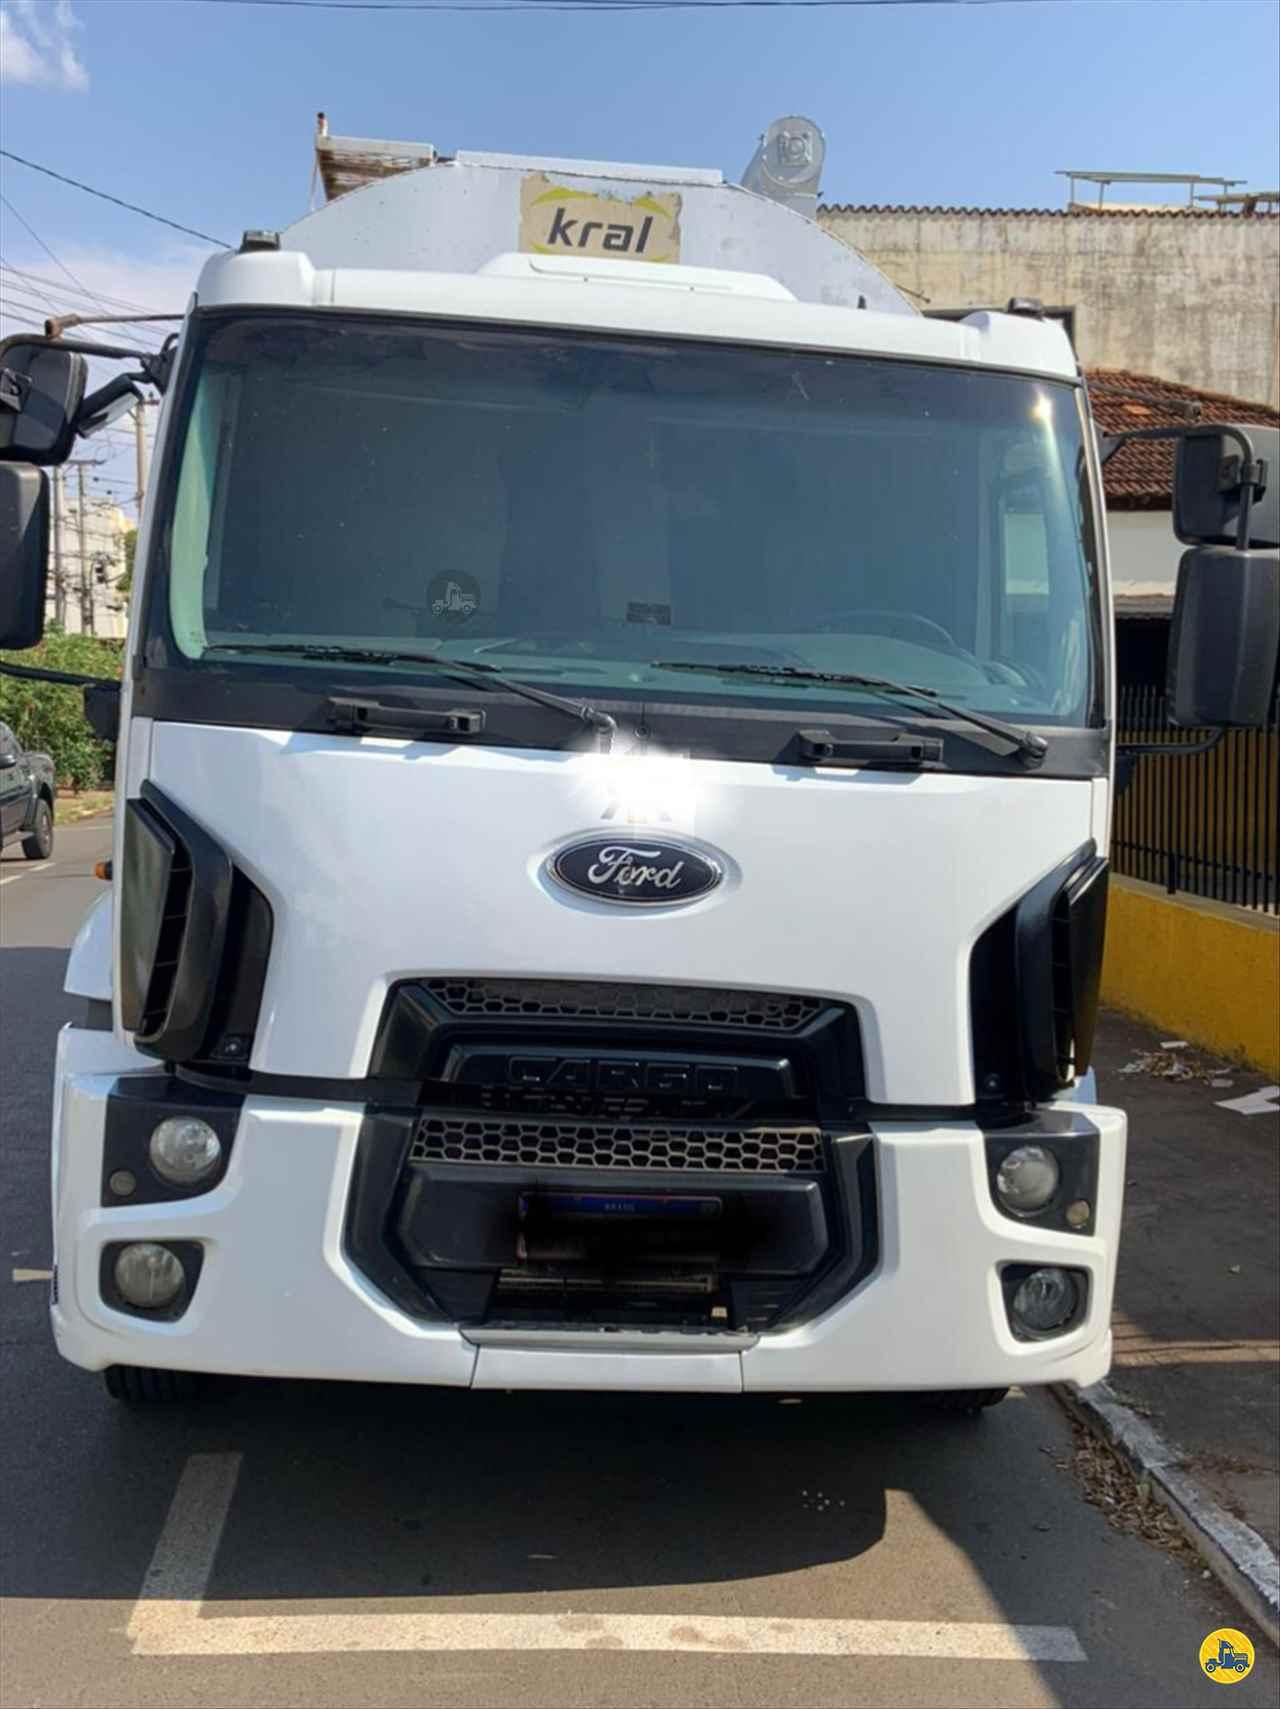 CAMINHAO FORD CARGO 2429 Silo BiTruck 8x2 Geraldo Caminhões PATOS DE MINAS MINAS GERAIS MG